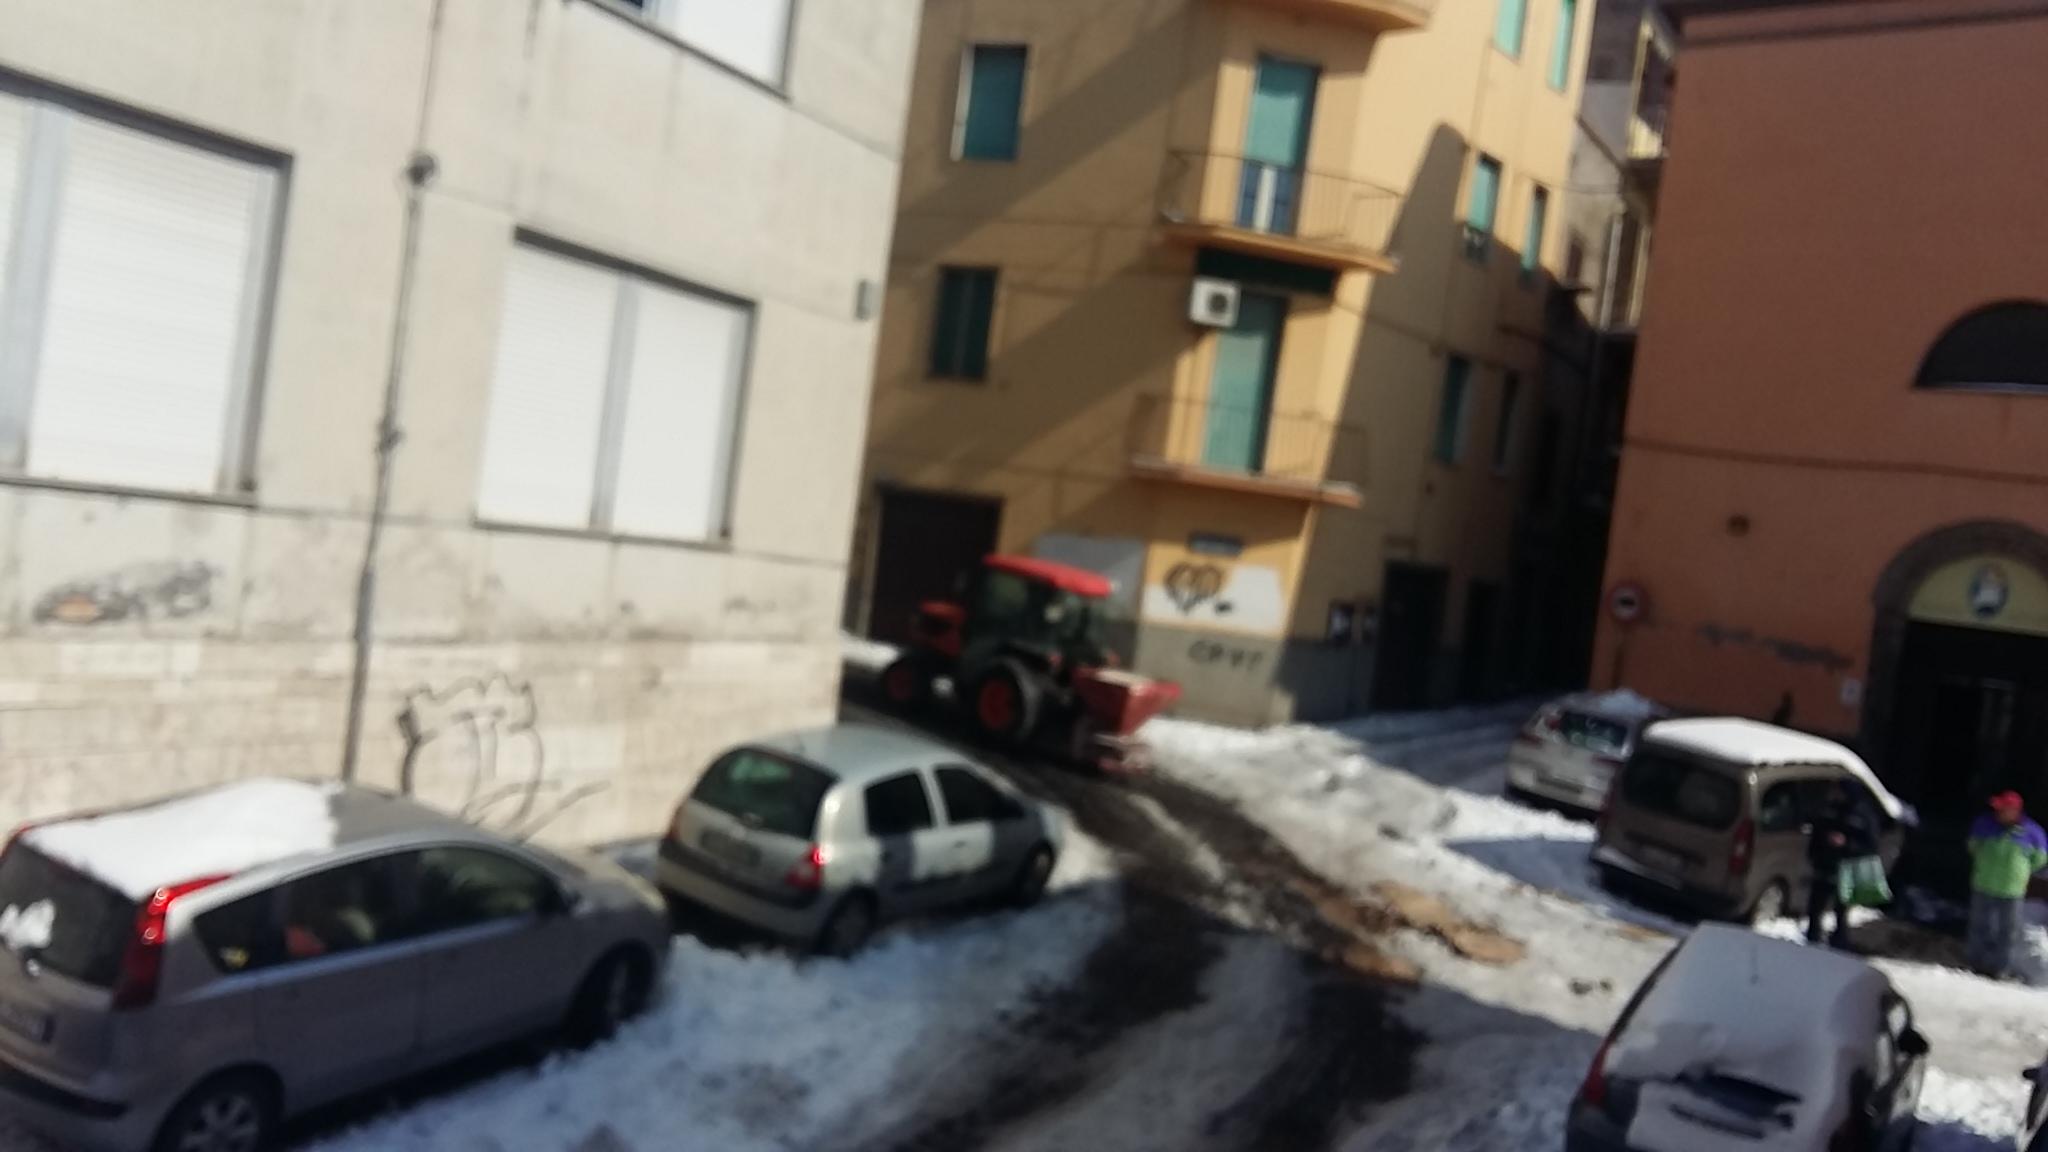 Emergenza neve: eccoli al centro storico i trattori con spargisale e pala, situazione in miglioramento